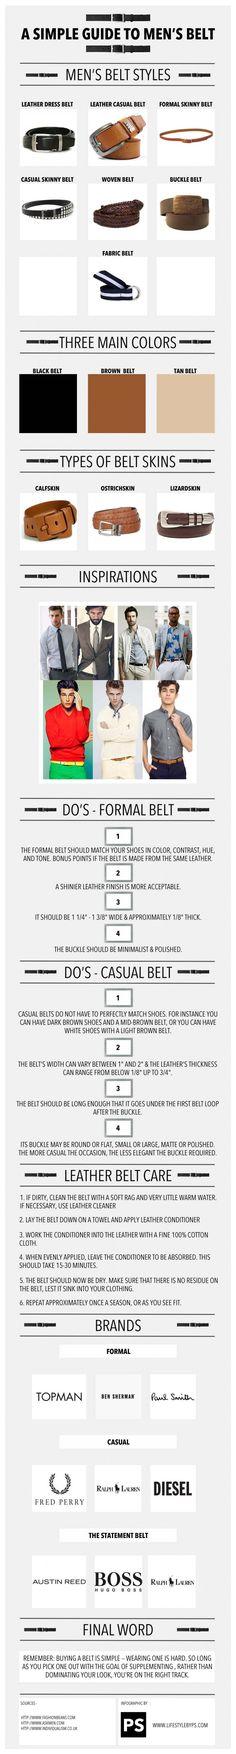 A Simple, Helpful Guide to Men's Belts! #UseWearWant